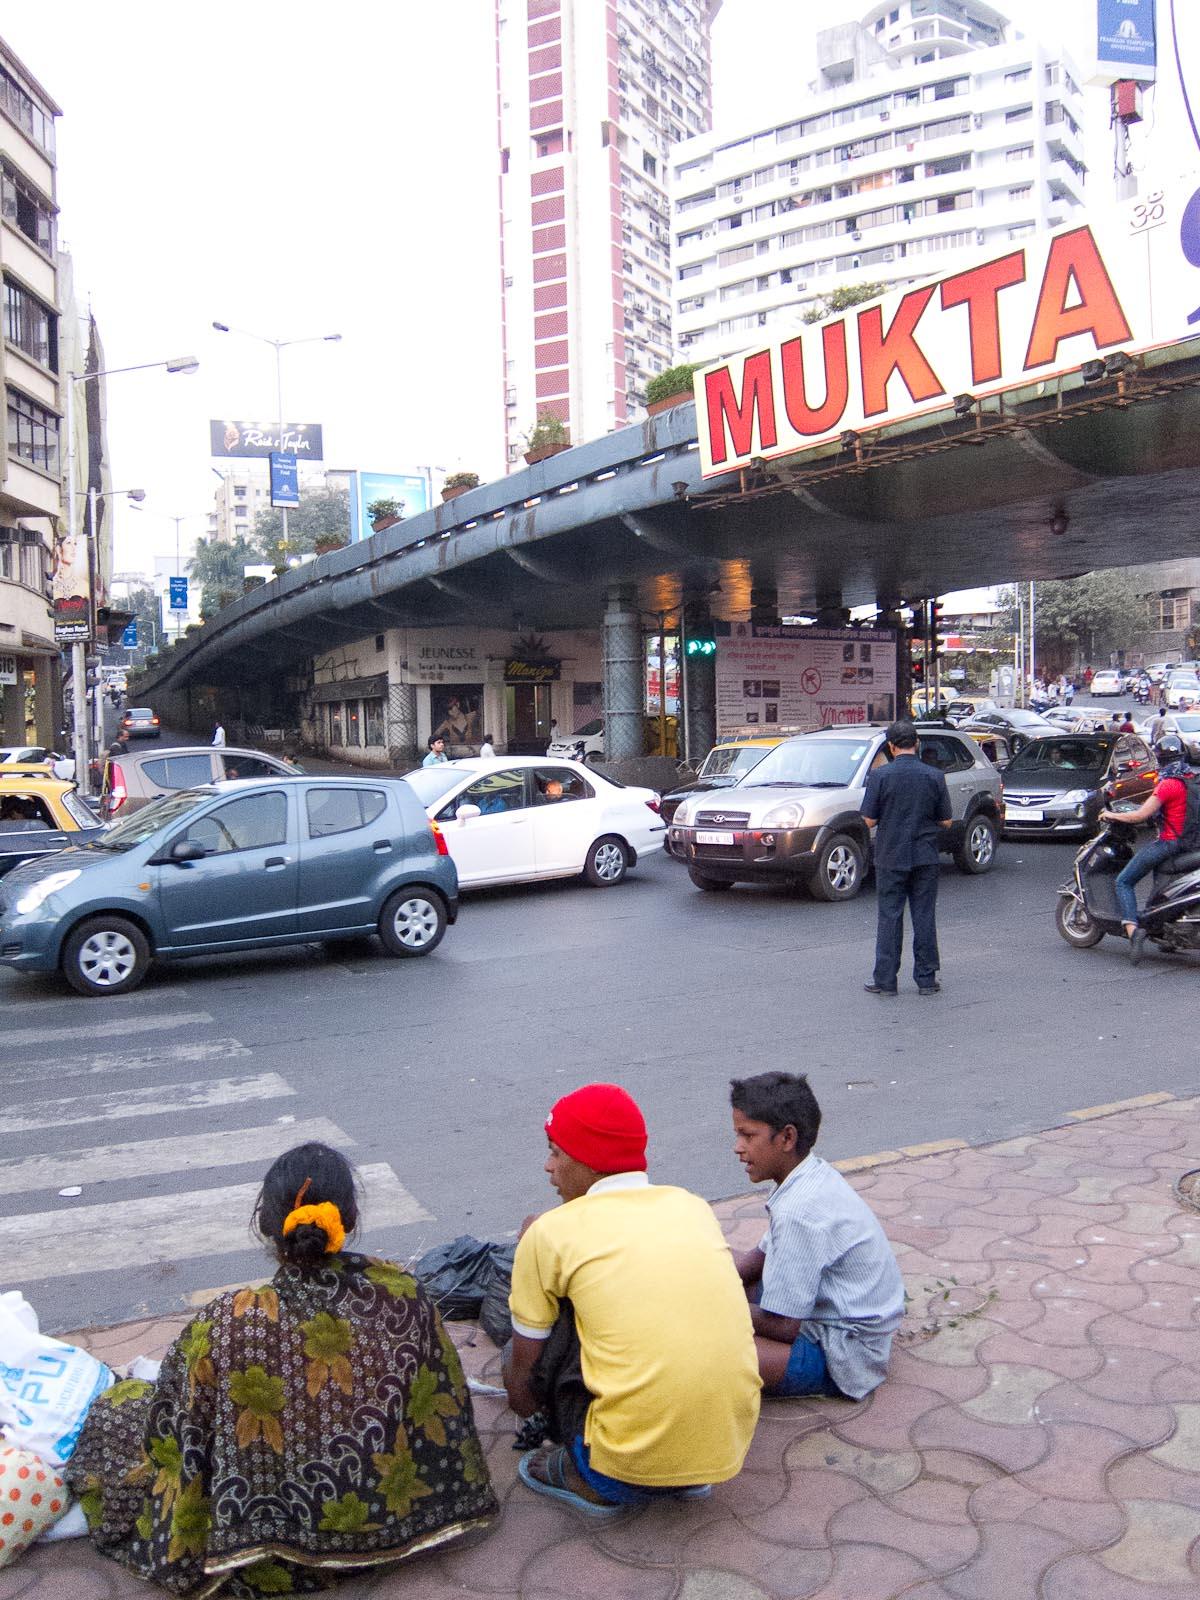 030212_mumbai_212